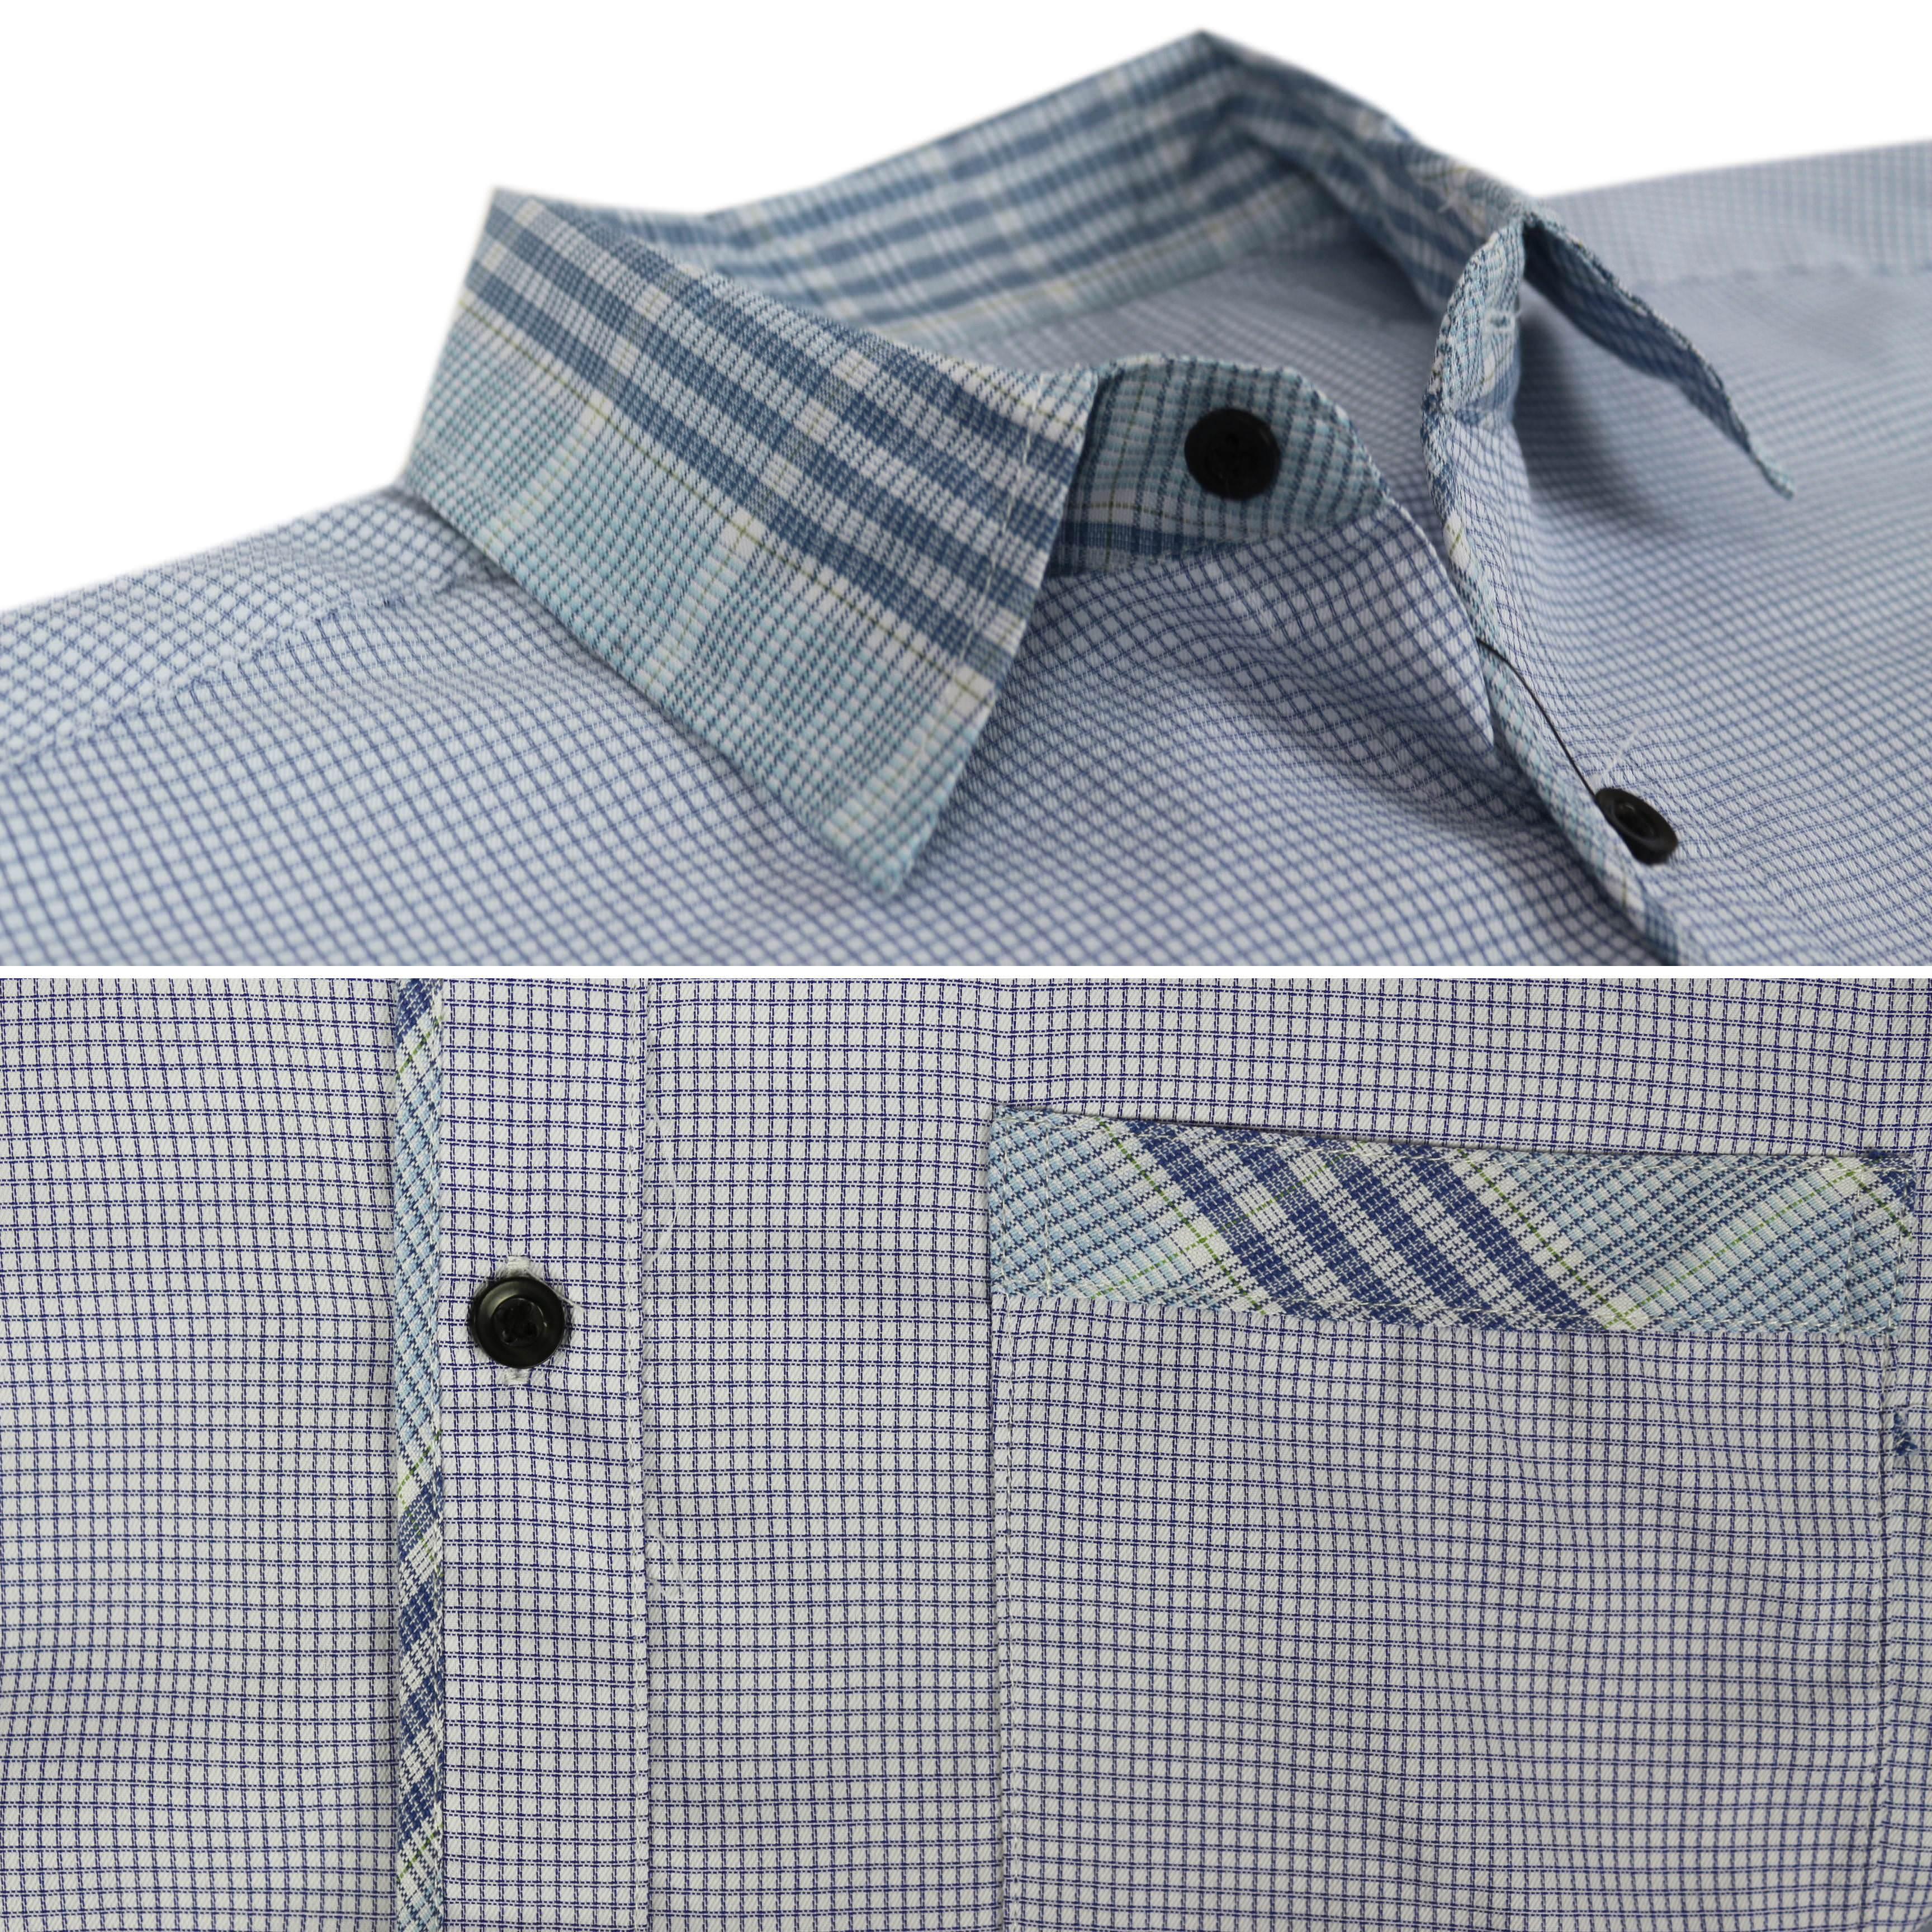 thumbnail 30 - LW-Men-039-s-Western-Button-Up-Long-Sleeve-Designer-Dress-Shirt